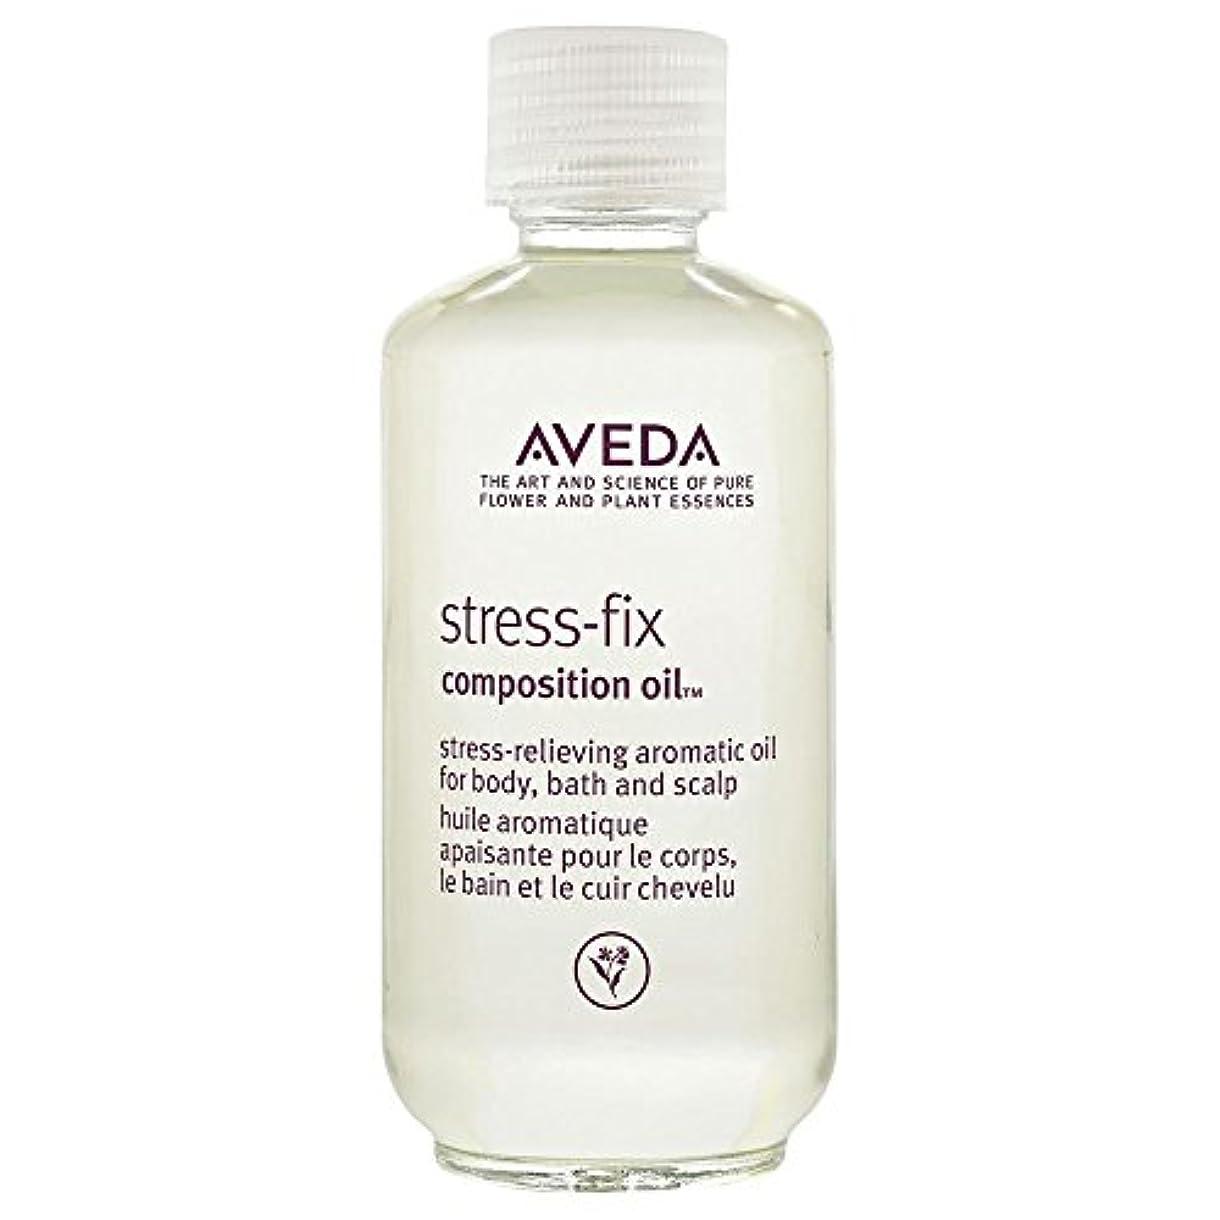 協力的召喚するイベント[AVEDA] アヴェダストレスフィックス組成オイル50ミリリットル - Aveda Stress Fix Composition Oil 50ml [並行輸入品]